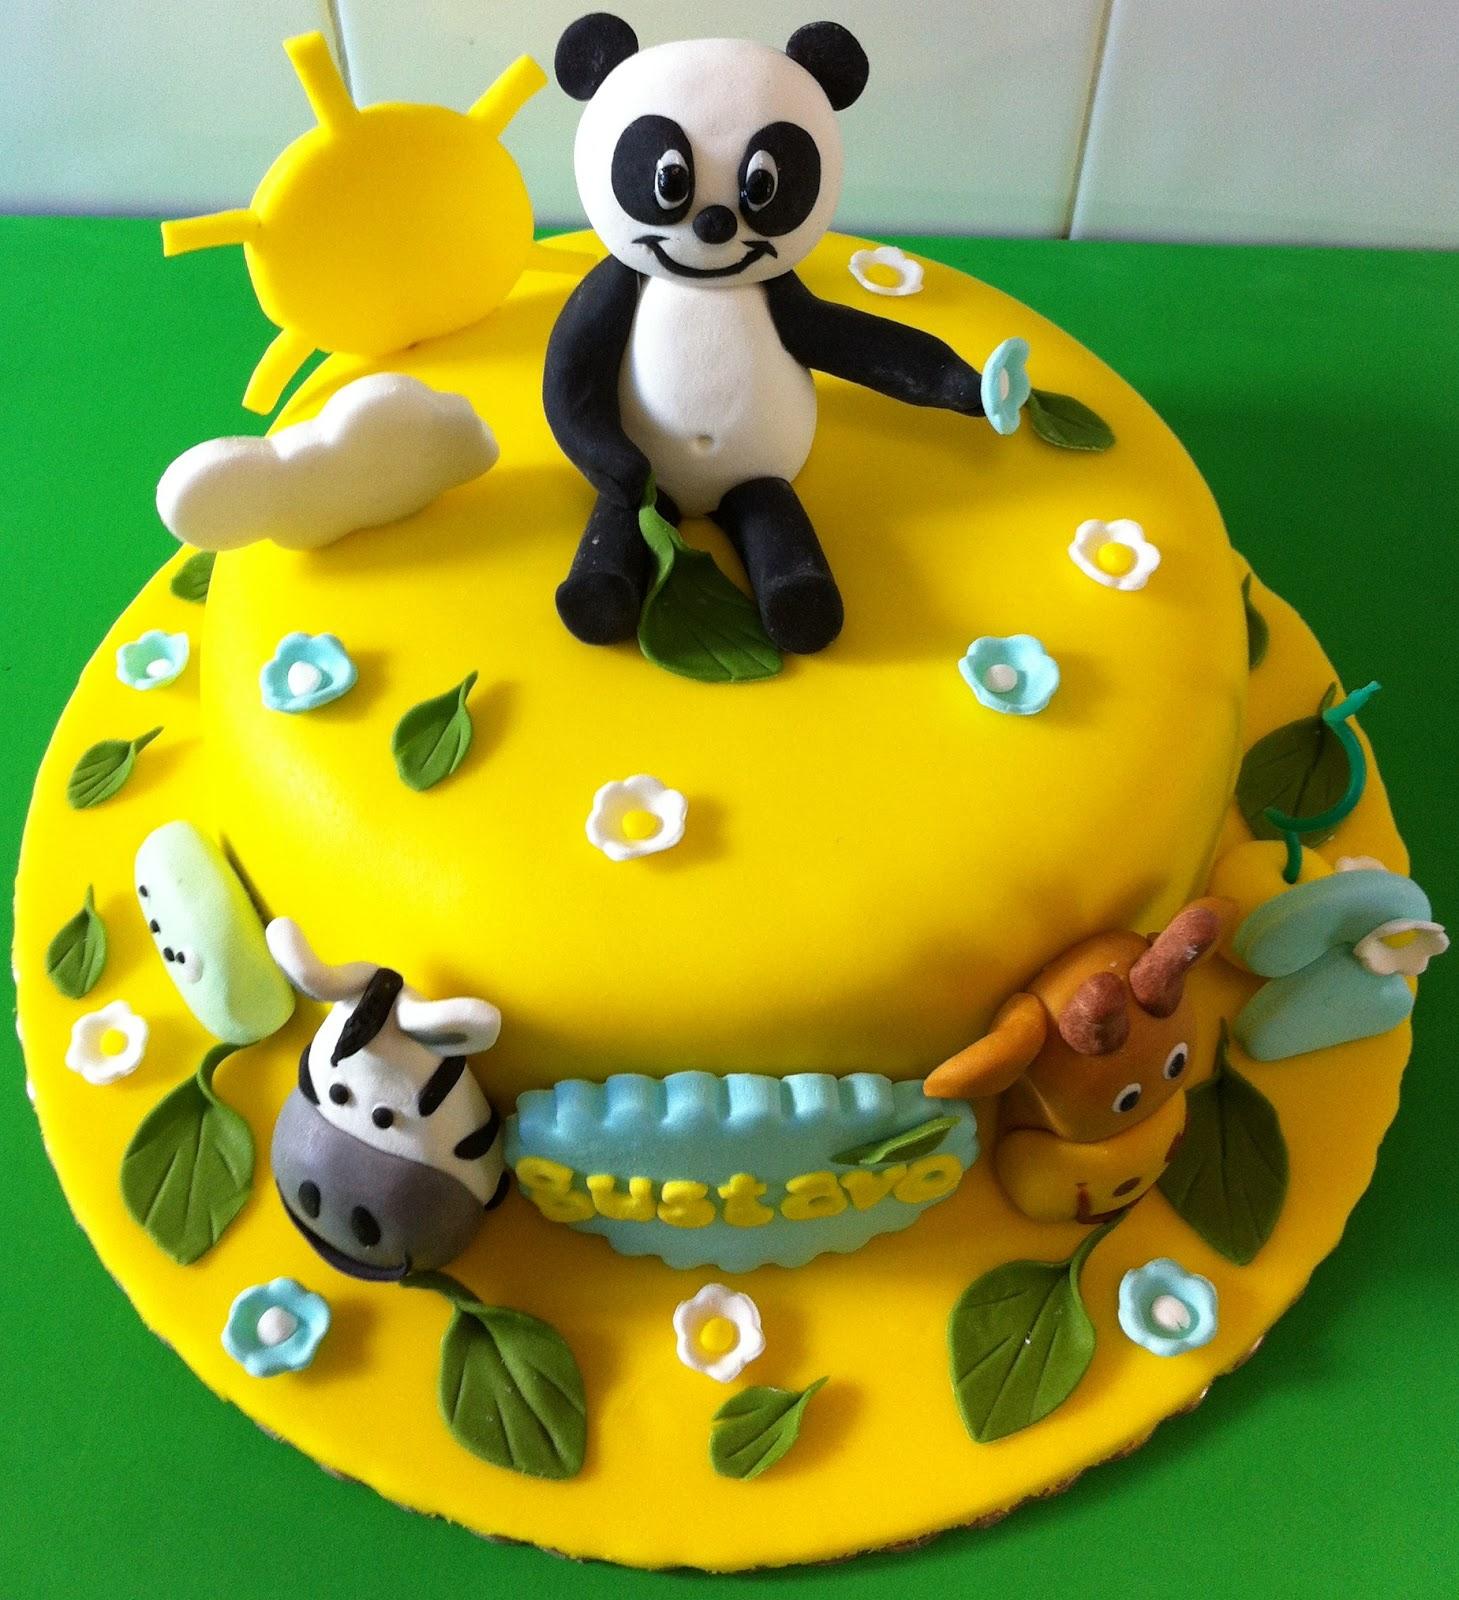 bolo panda e caricas Bolos decorados do Panda